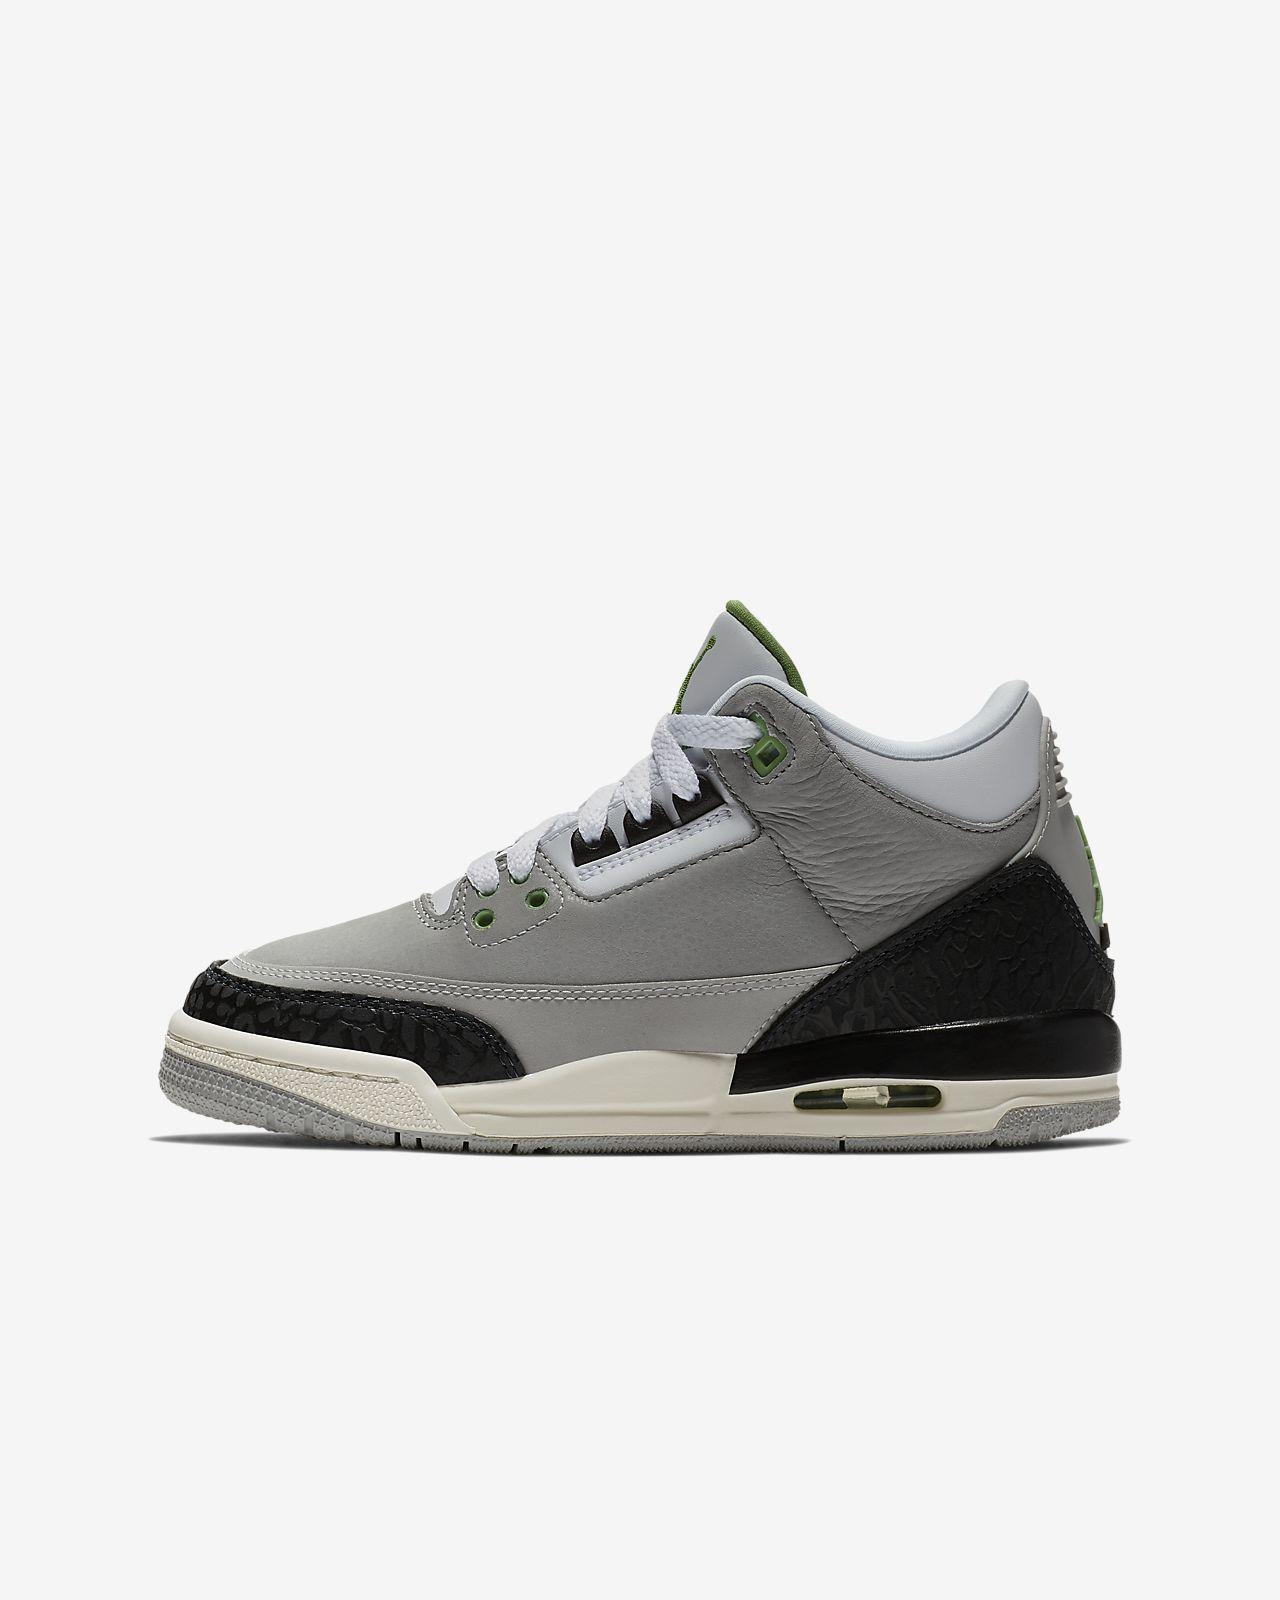 71eeb422e5f4d Calzado para niños Air Jordan 3 Retro. Nike.com MX